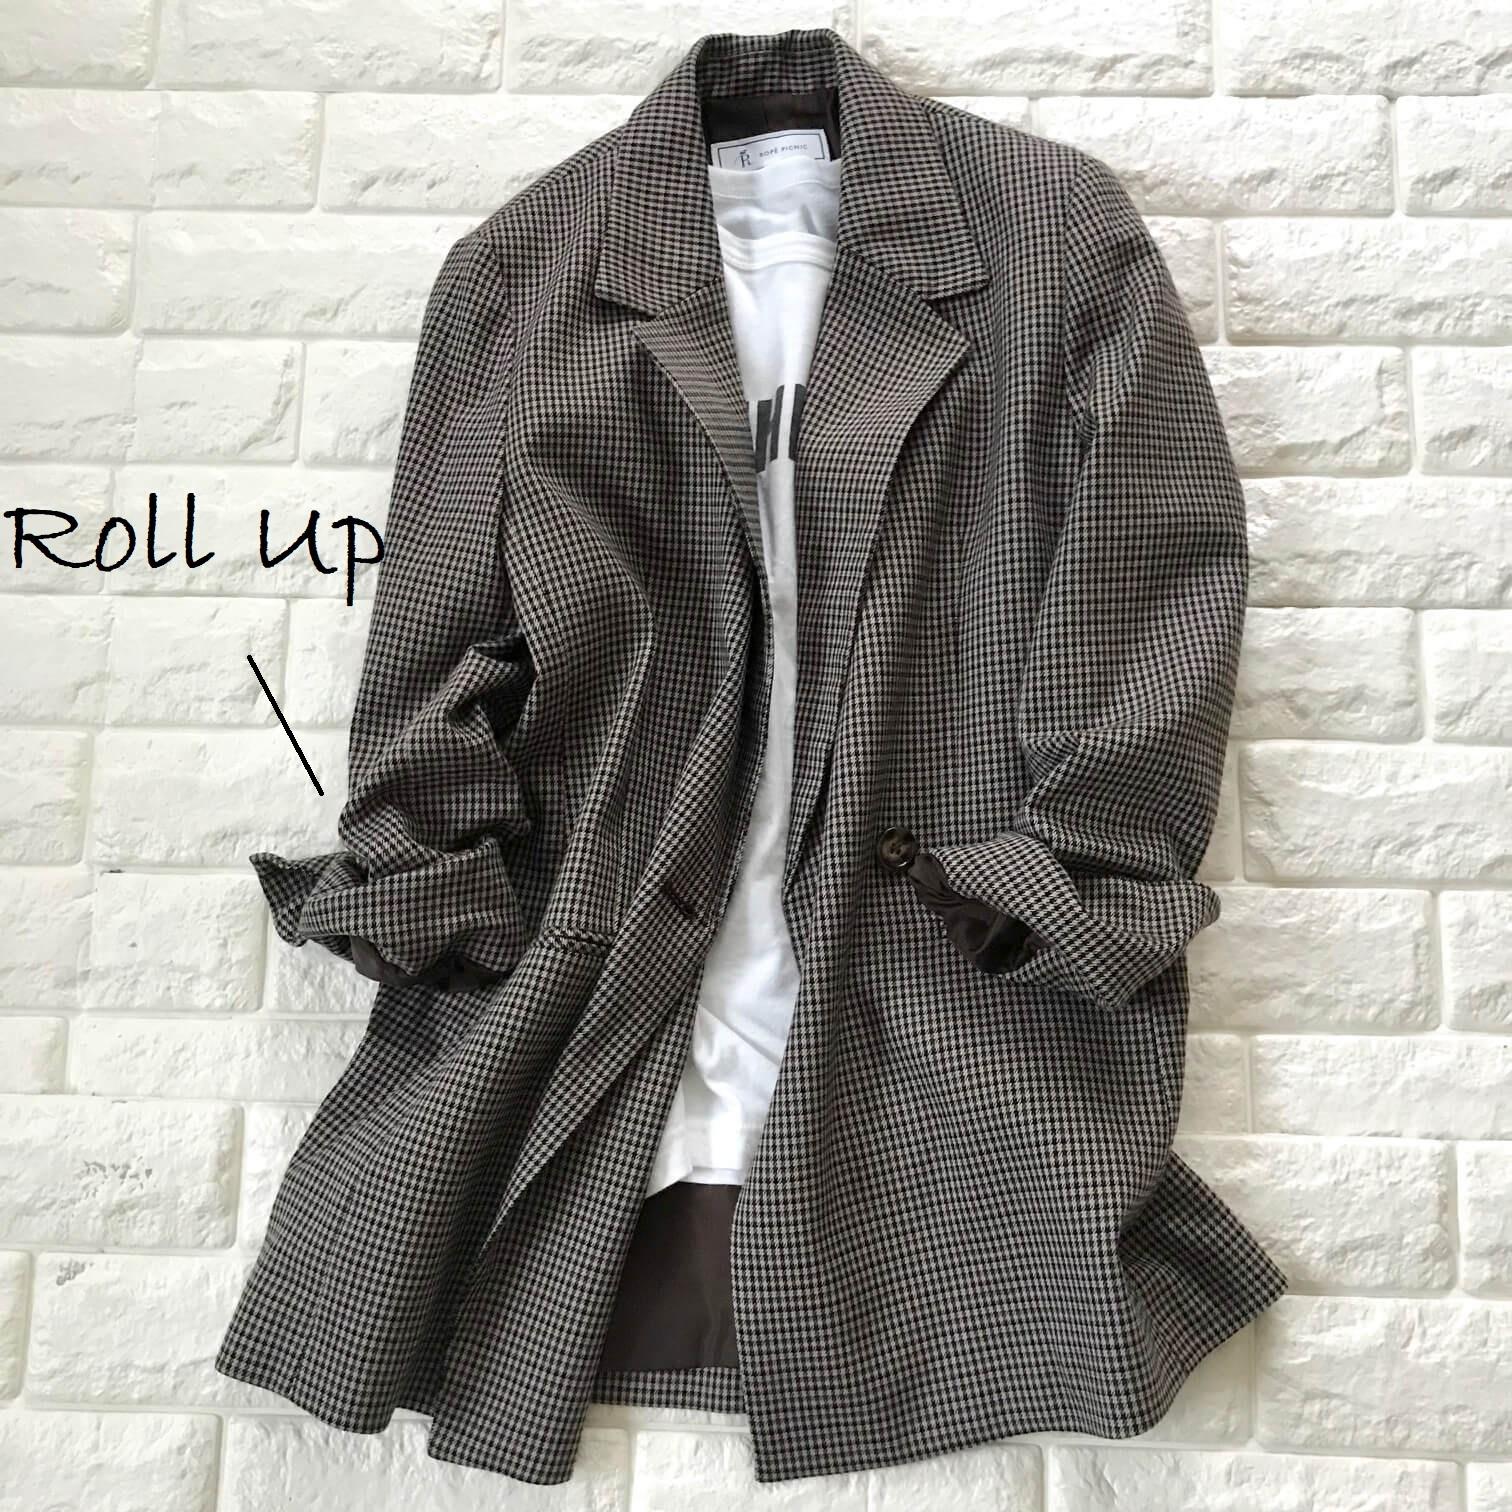 ロペピクニックのジャケットの袖をまくった画像